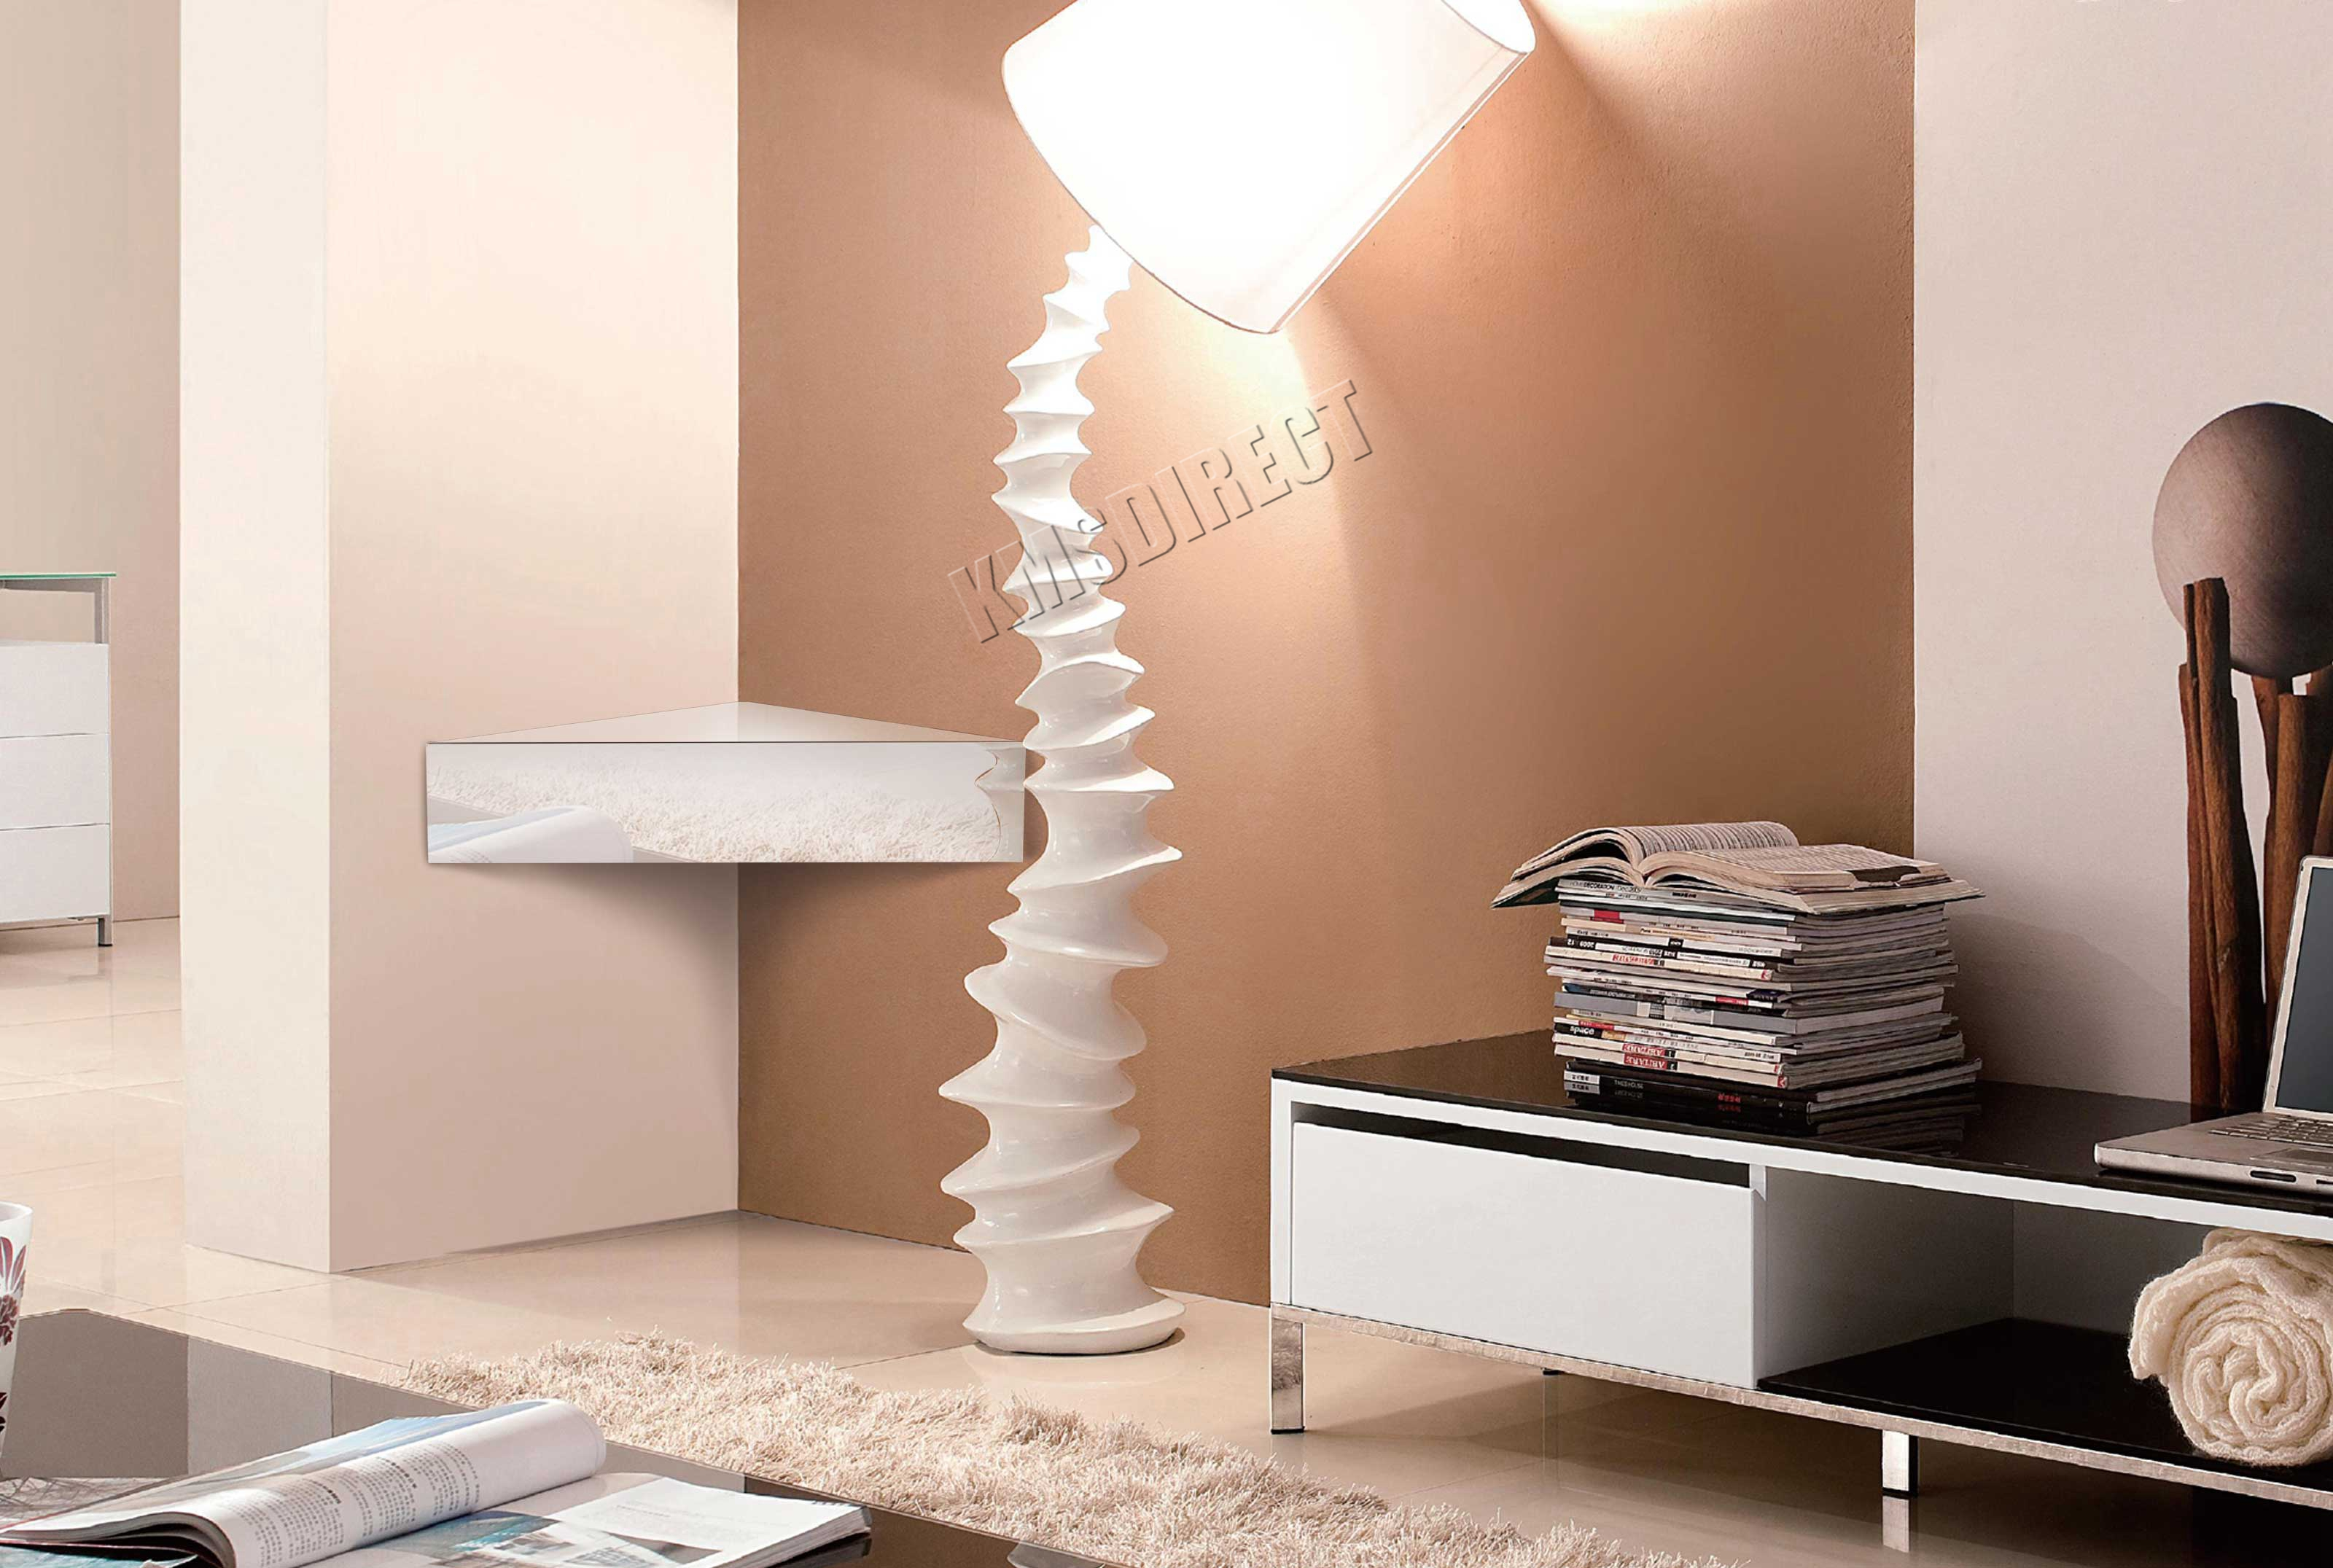 Jose Armario Salary ~ Muebles En Hebreo ~ Obtenga ideas Diseño de muebles para